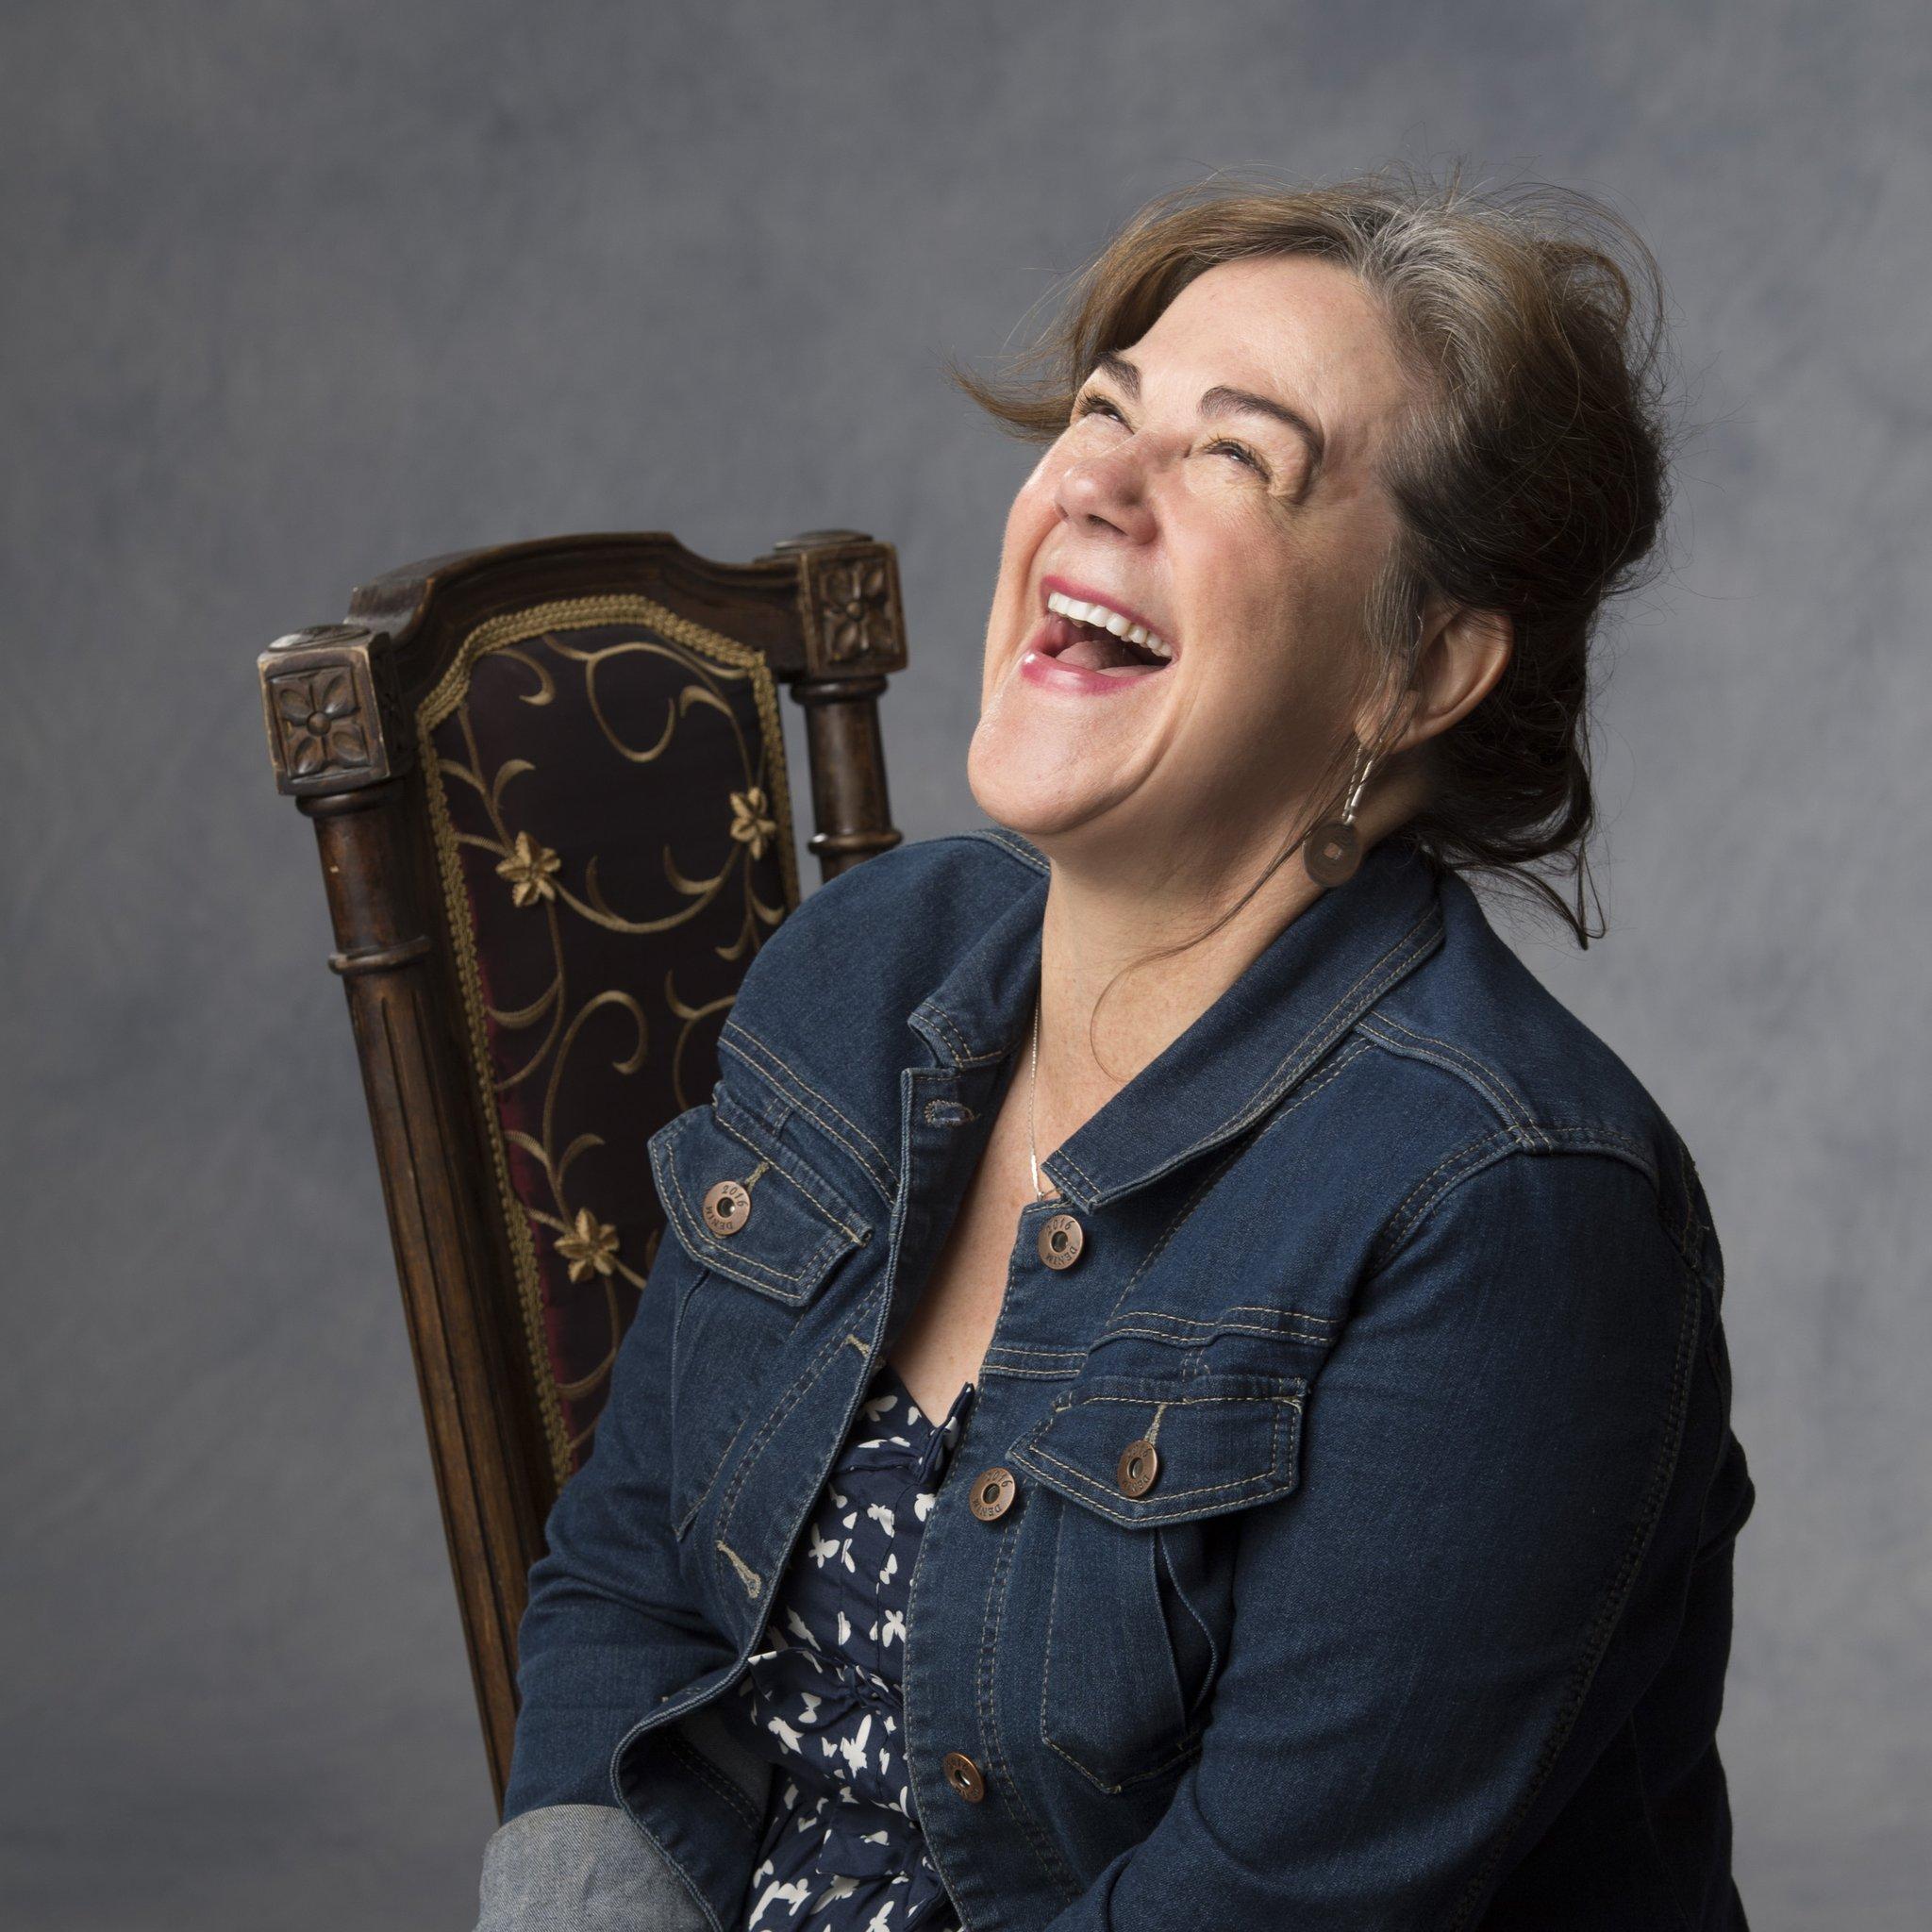 Patty Petersen Porno images Eilene Janssen,Pauline Collins (born 1940)